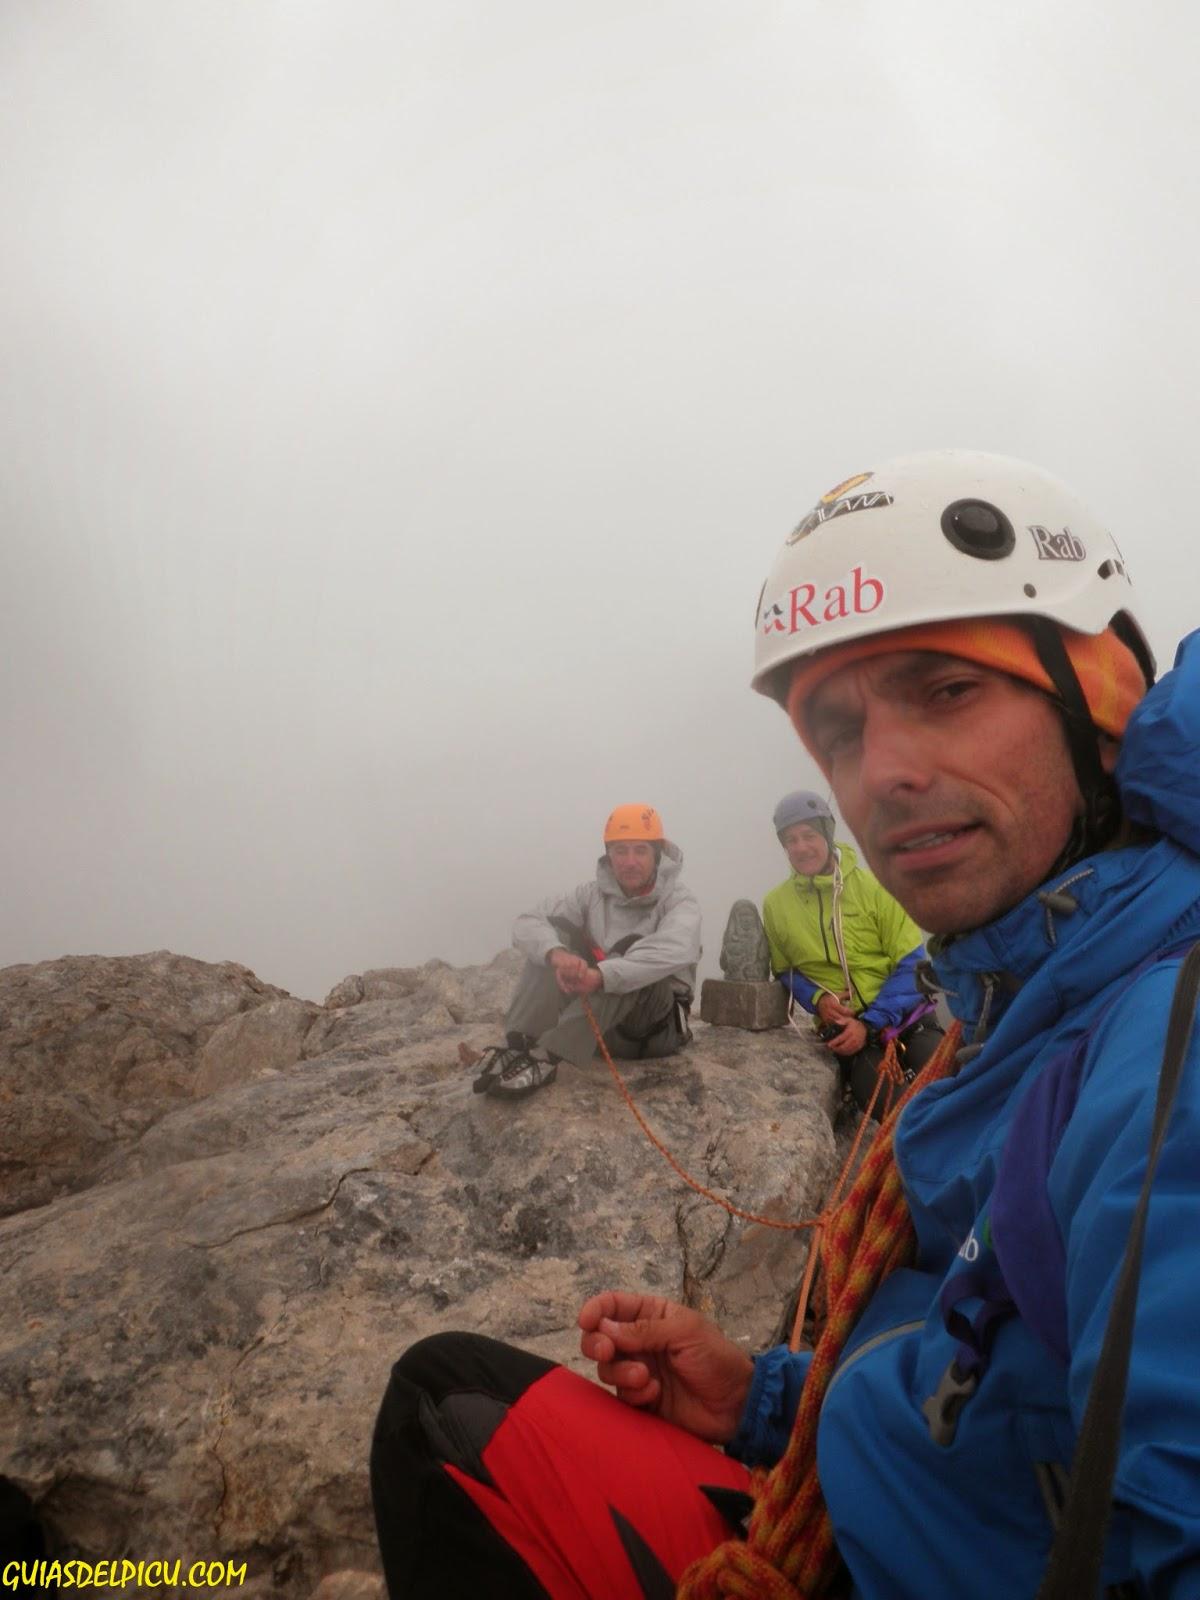 Fernando Calvo Guia de alta montaña. Escalar el naranjo de bulnes con guia de montaña